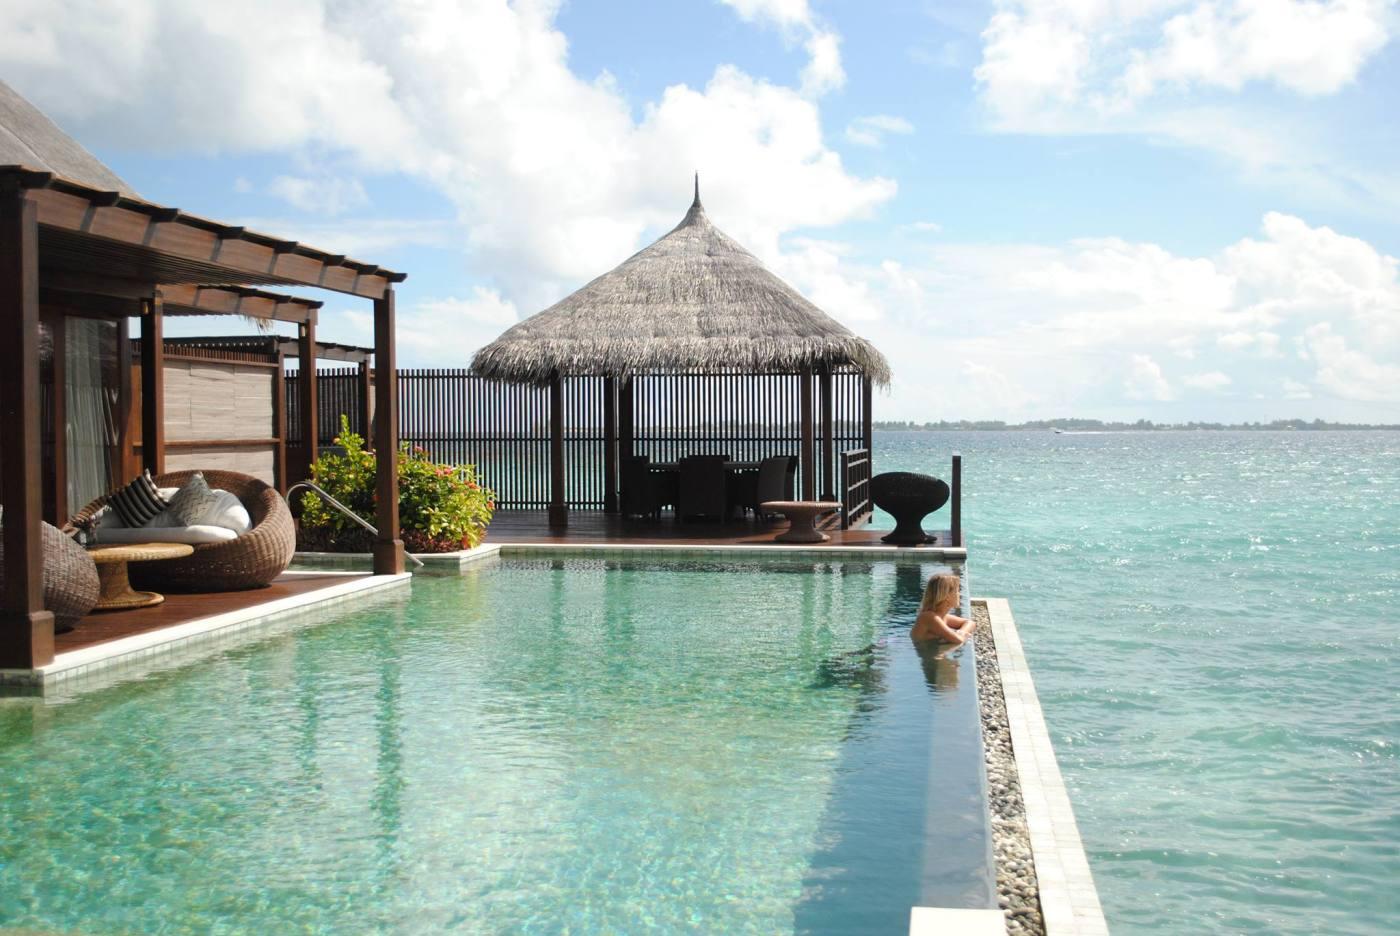 Sanne relaxing in a pool